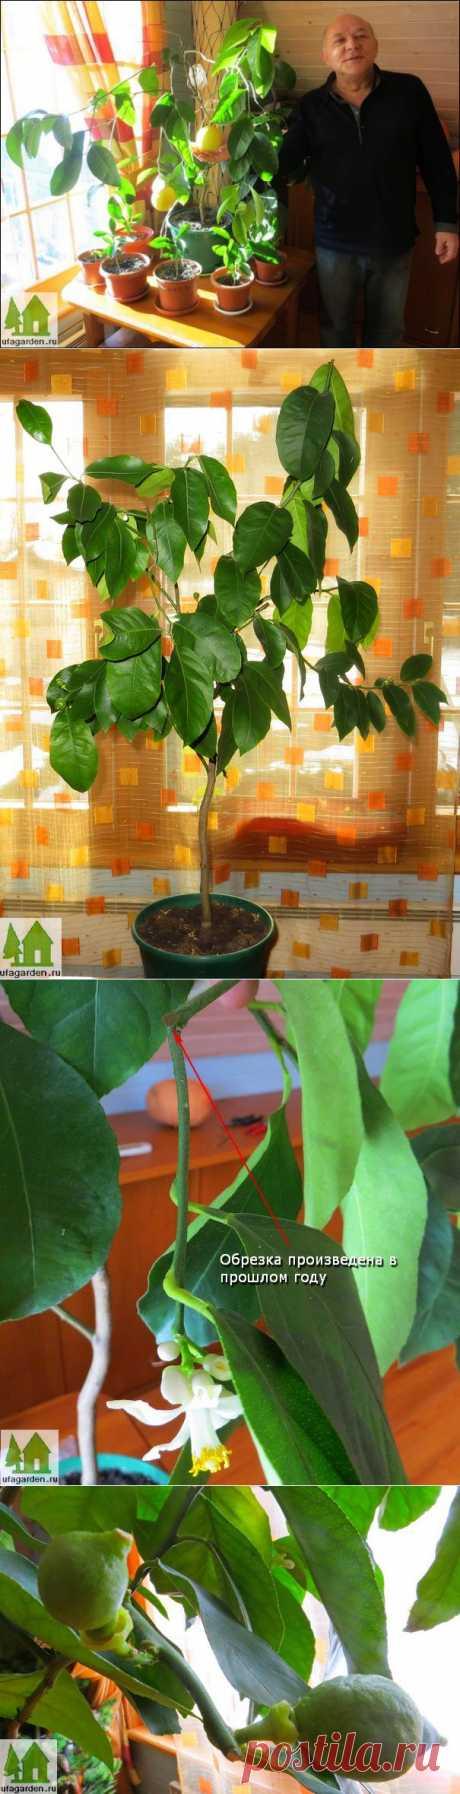 Обрезка лимона | Дачная жизнь - сад, огород, дача.  Сейчас, середина марта, время, когда можно проводить обрезку домашнего лимона. В этой статье мы расскажем о своем опыте и надеемся получить комментарии от читателей, которым эта тема интересна.